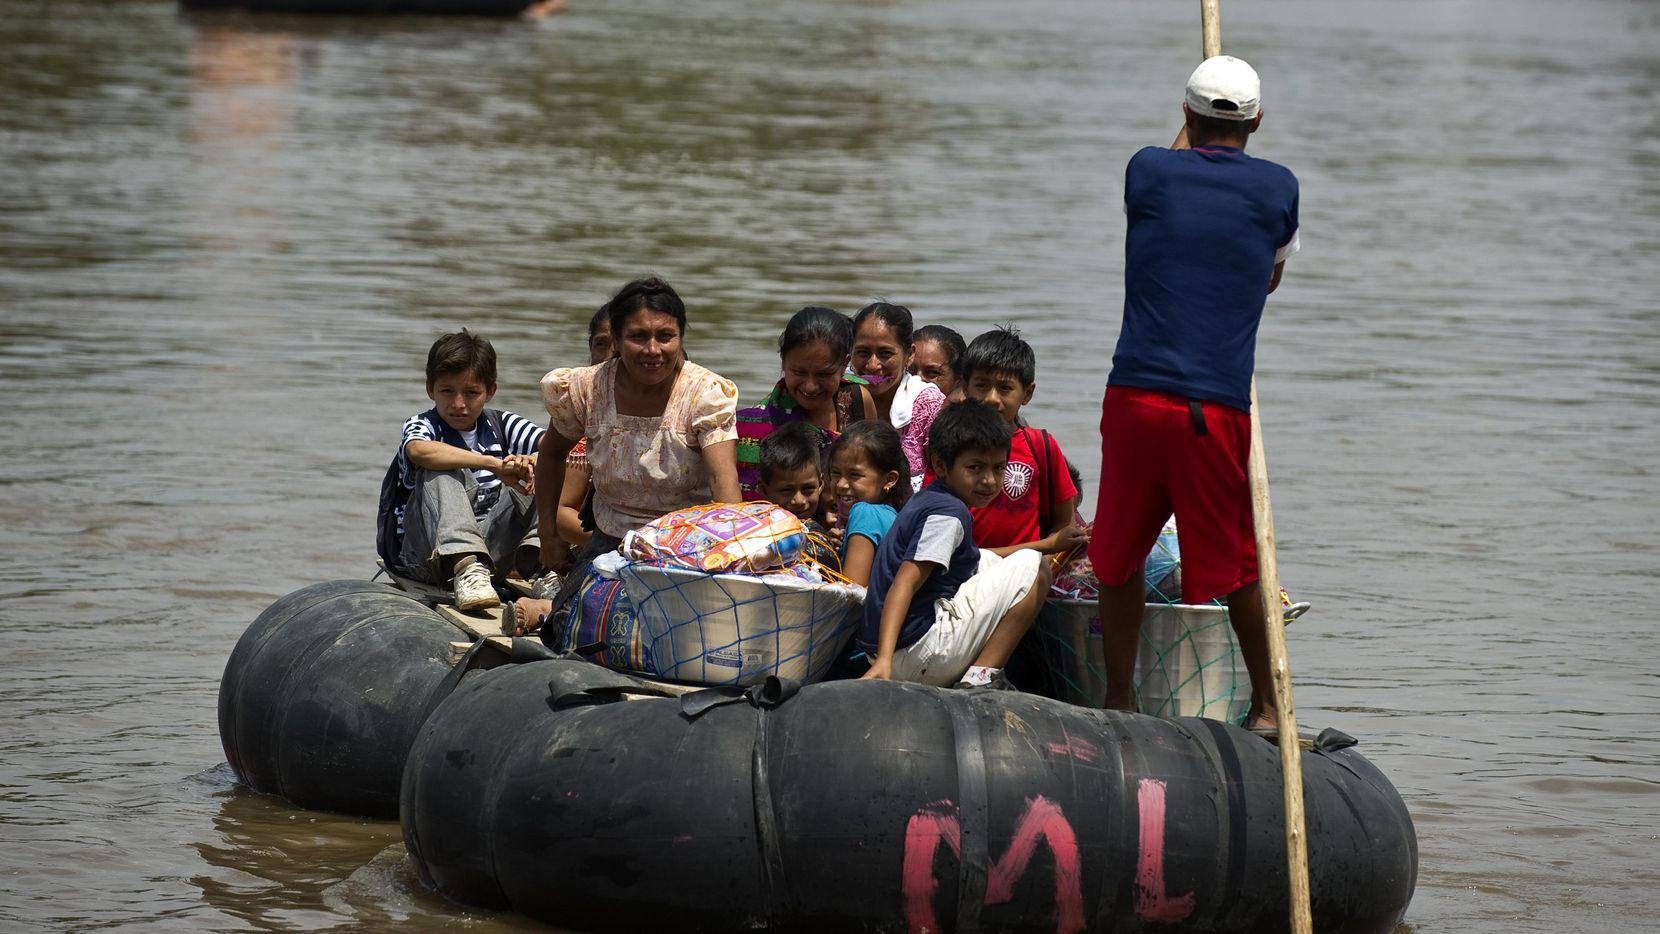 Una balsa improvisada con personas cruzan la frontera de Guatemala con México de manera ilegal.(GETTY IMAGES)